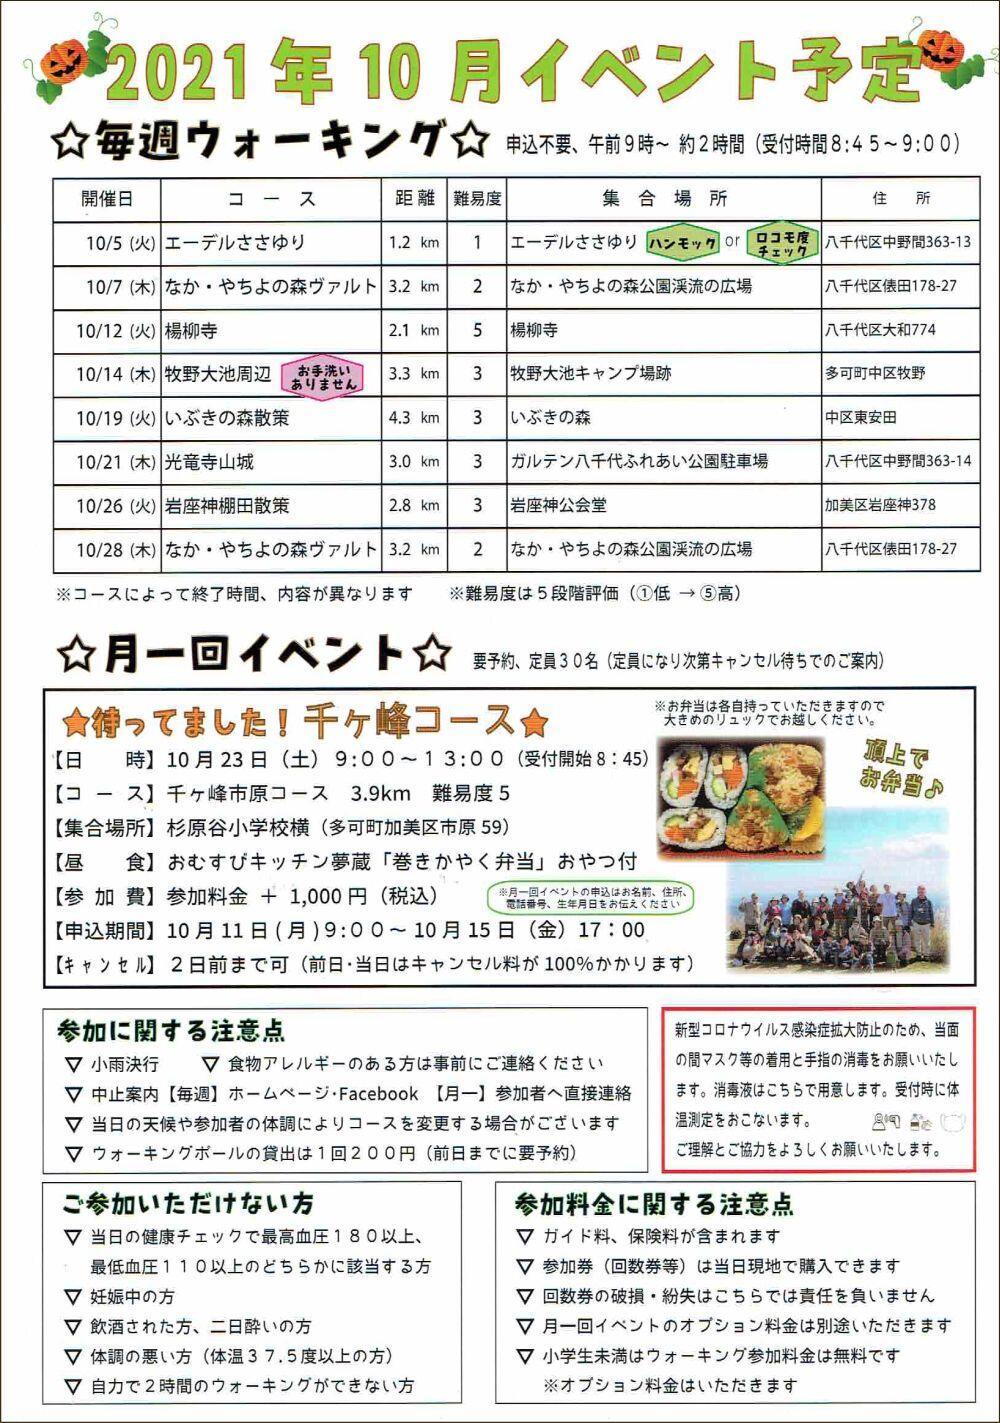 多可の森健康ウォーキング 10月のイベント情報